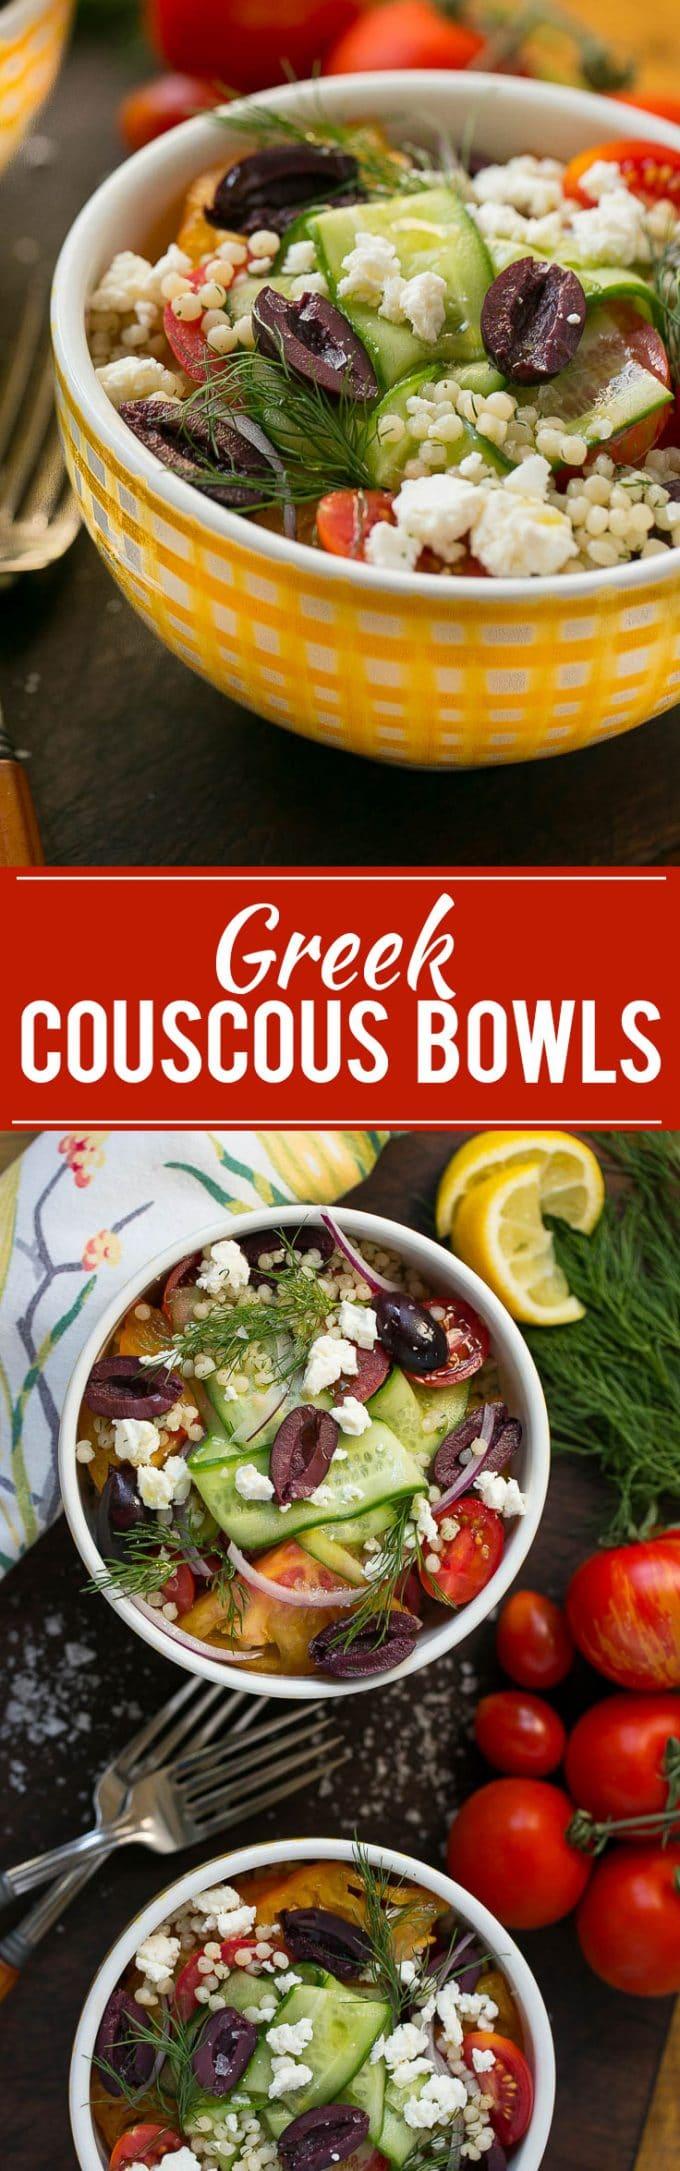 Greek Couscous Bowl Recipe | Greek Couscous | Greek Couscous Salad | Greek Salad Couscous